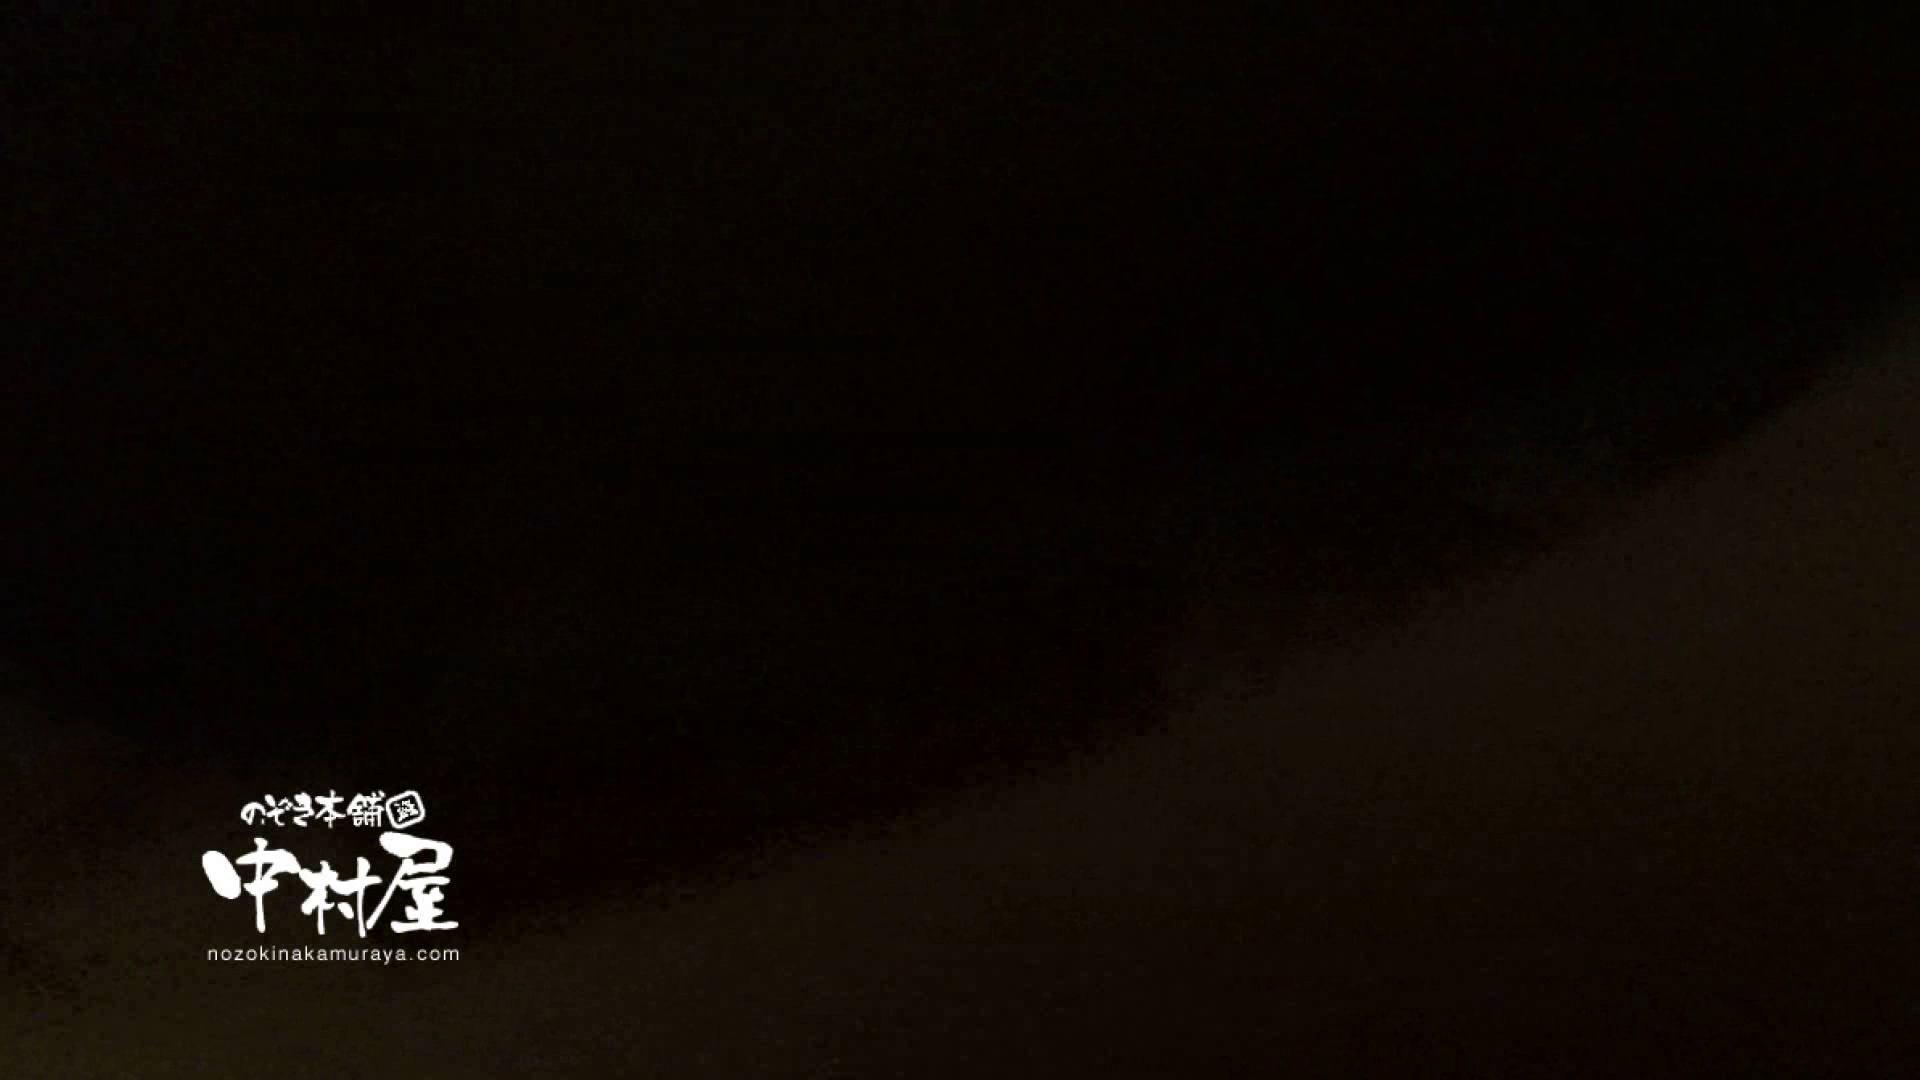 鬼畜 vol.08 極悪!妊娠覚悟の中出し! 後編 鬼畜 | 中出し  97pic 61